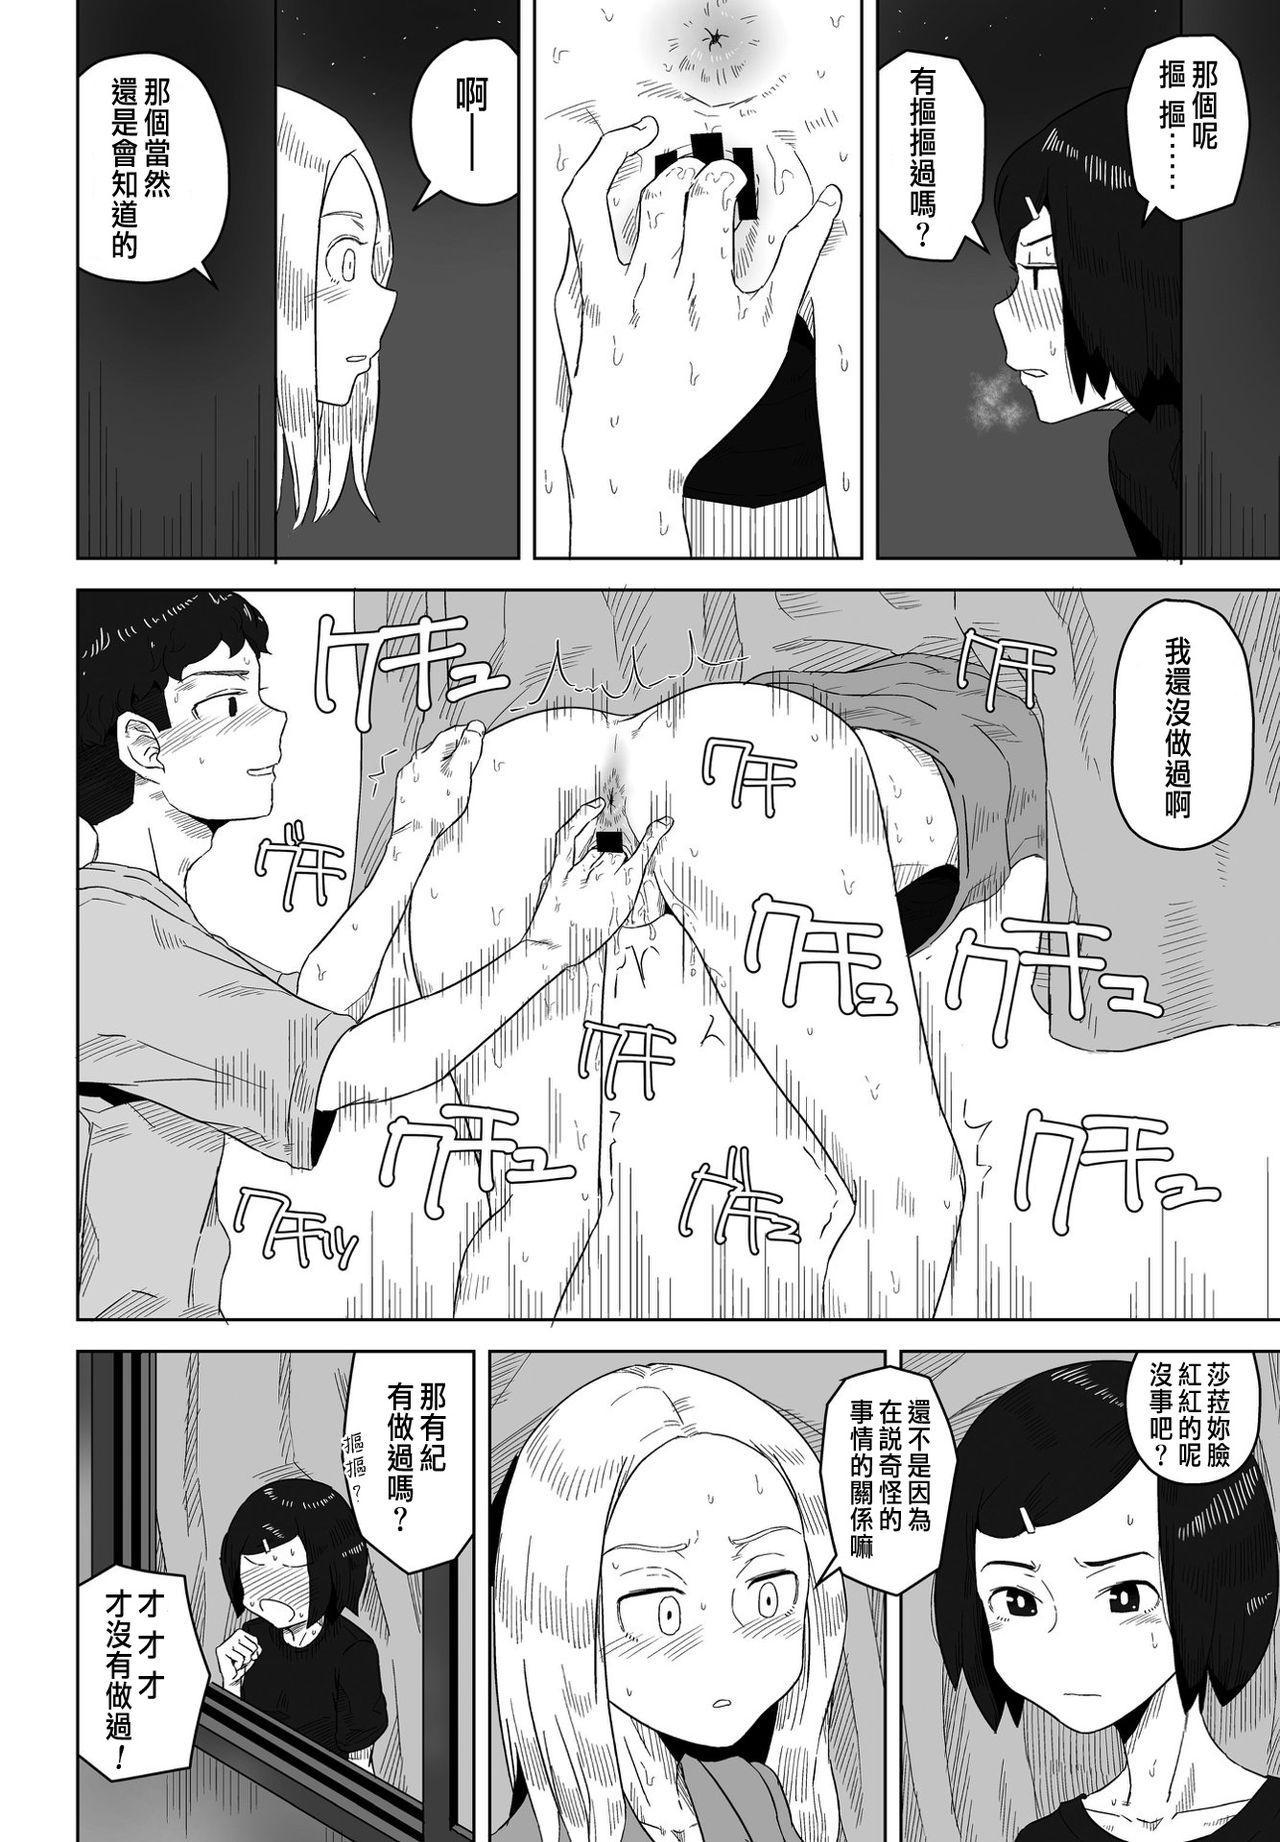 Aoi Curtain 5